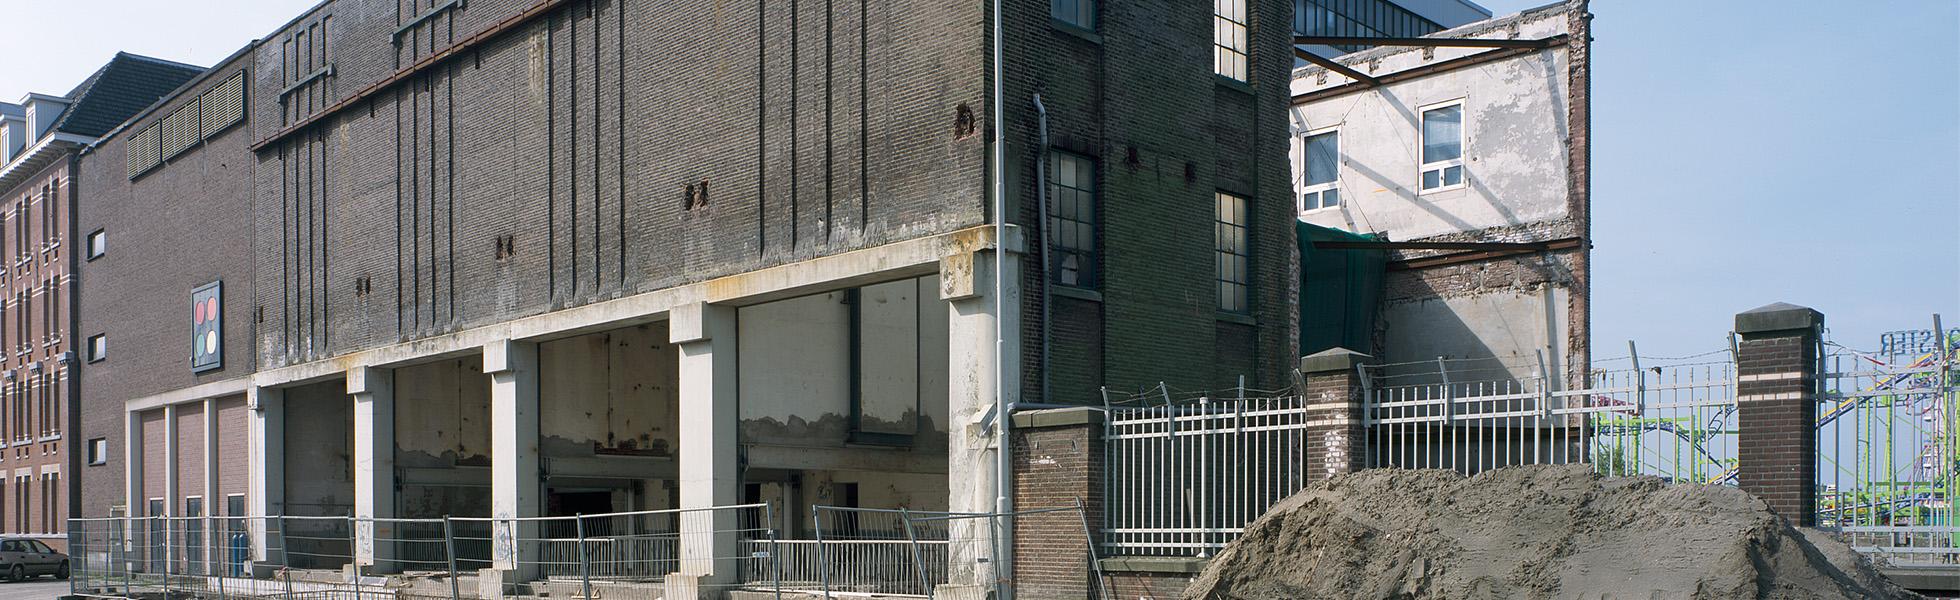 STROOM Rotterdam - voor de verbouwing